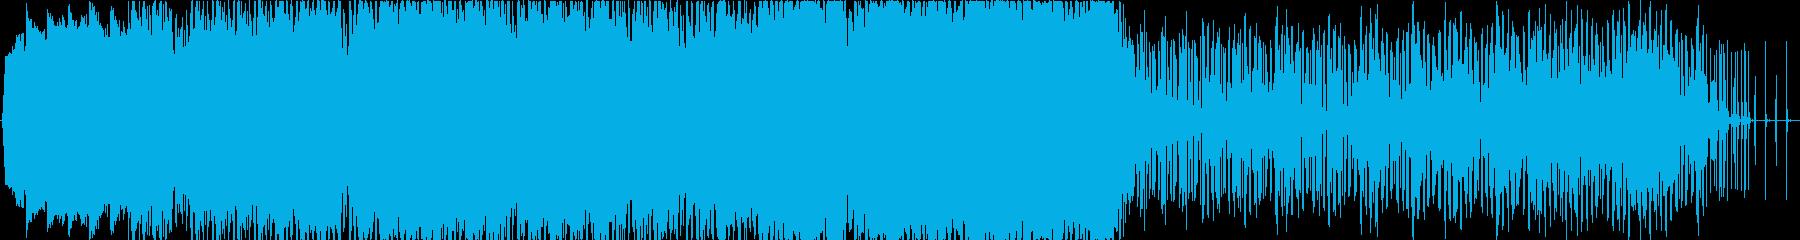 シンセサイザー、スロー、BGMの再生済みの波形